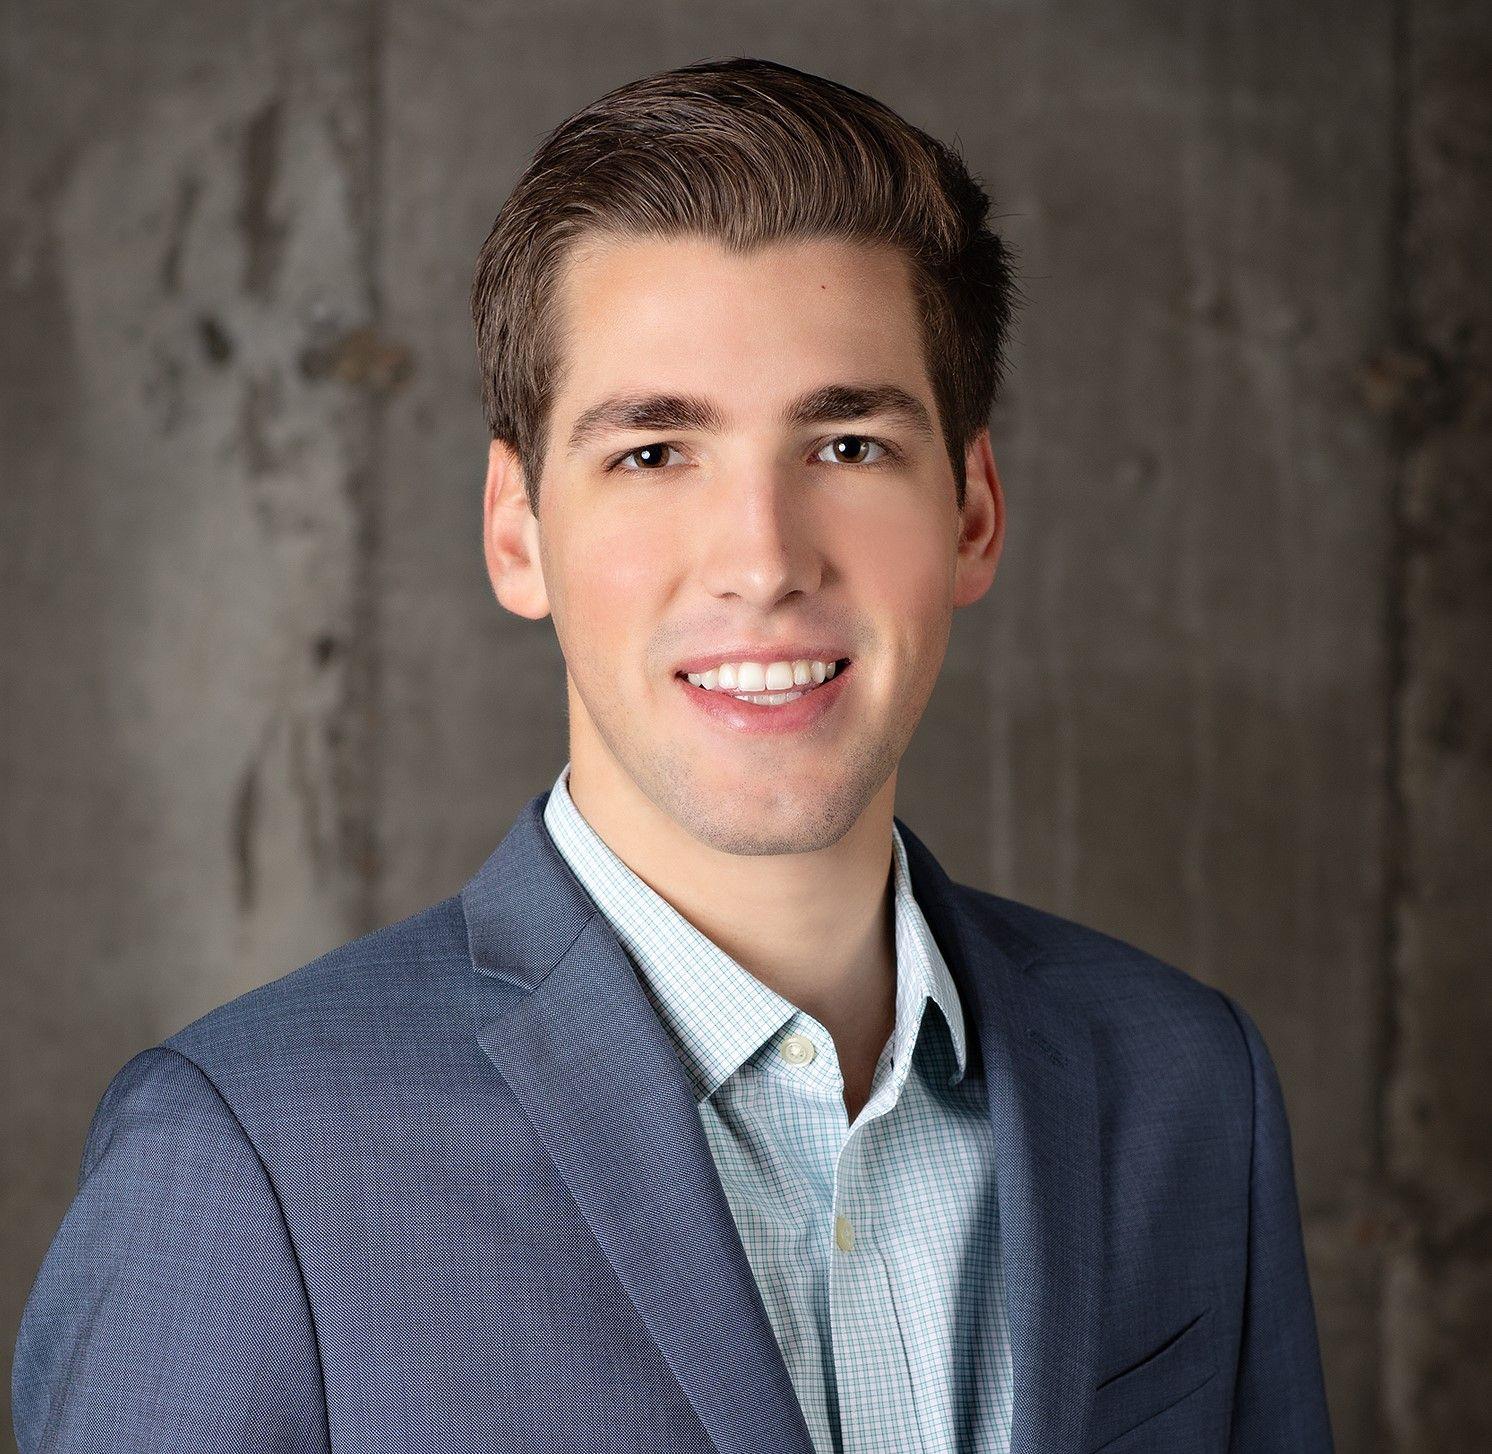 Matthew Wiggins